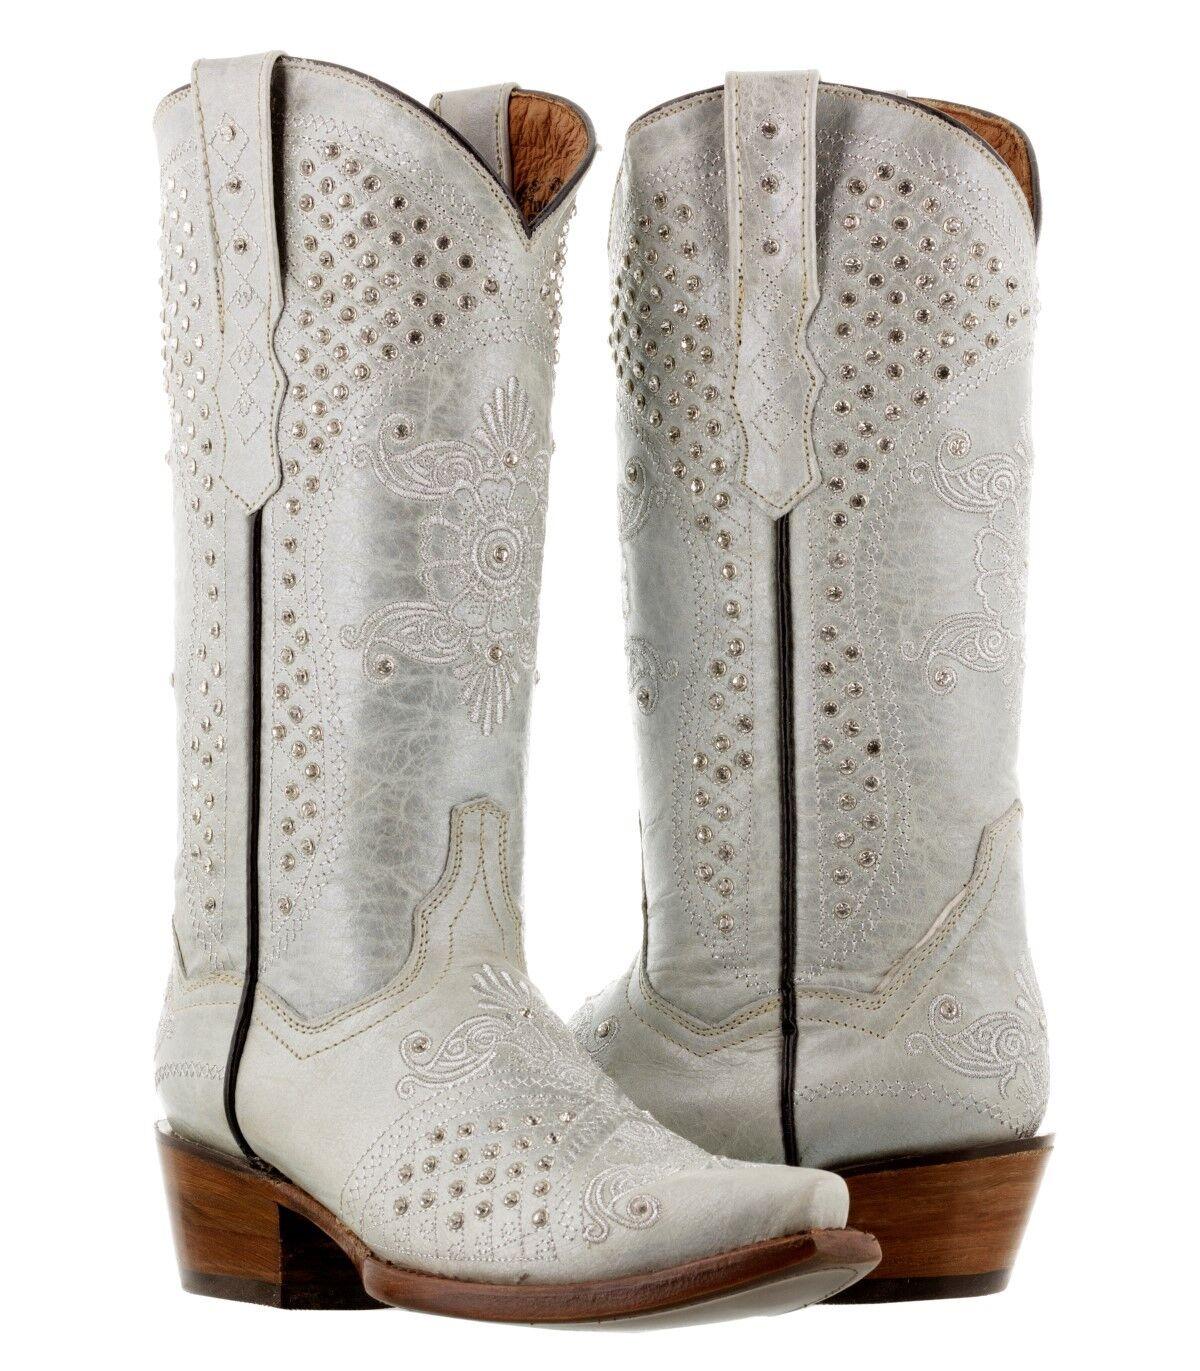 l'ultimo donna donna donna Pearl bianca Wedding Western Cowgirl stivali Rhinestone Distressed Snip Toe  fino al 50% di sconto